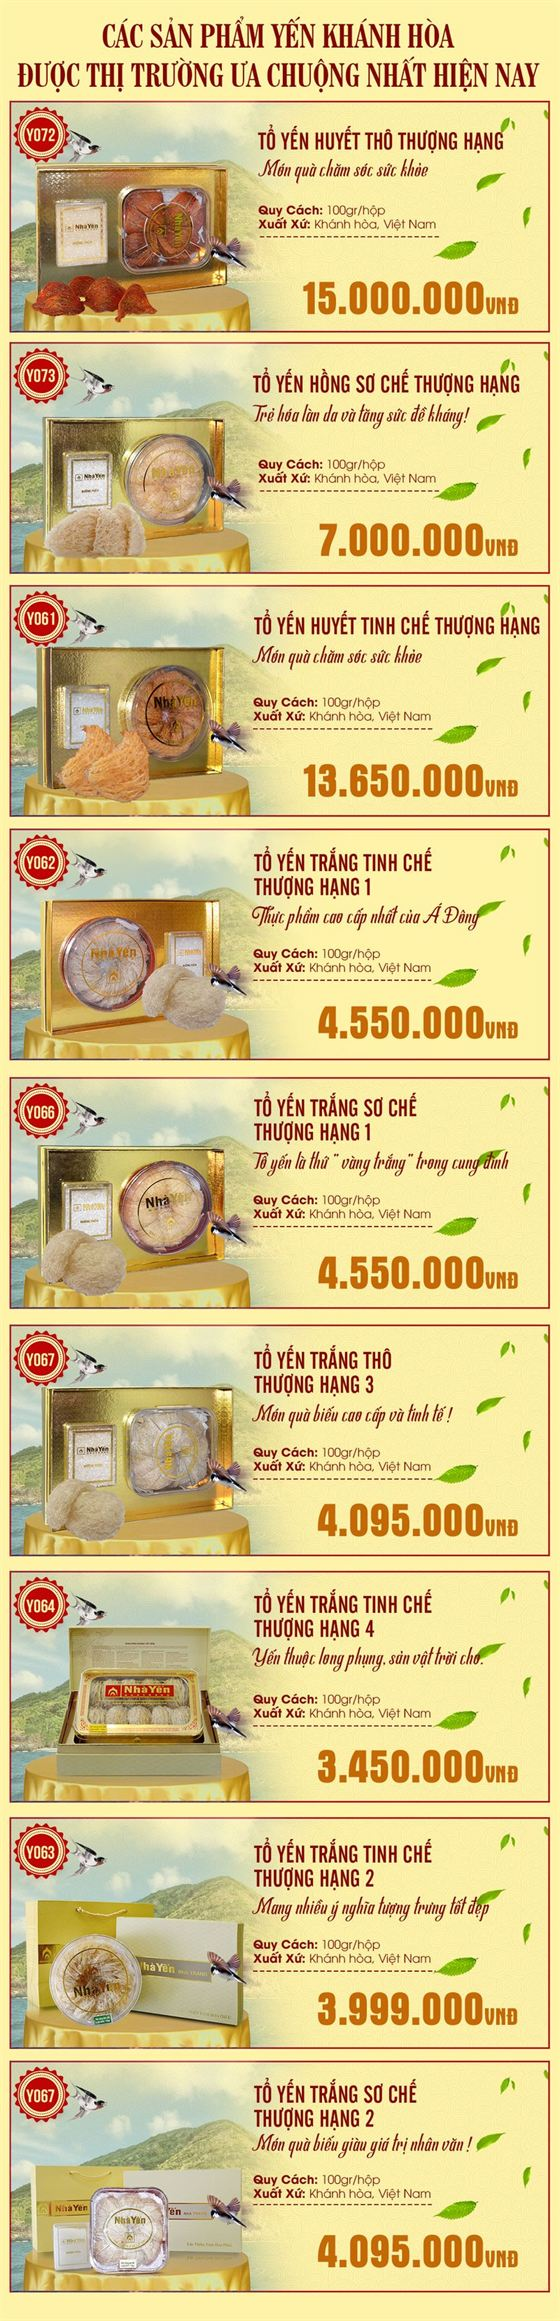 bảng giá yến khánh hòa tại onplaza